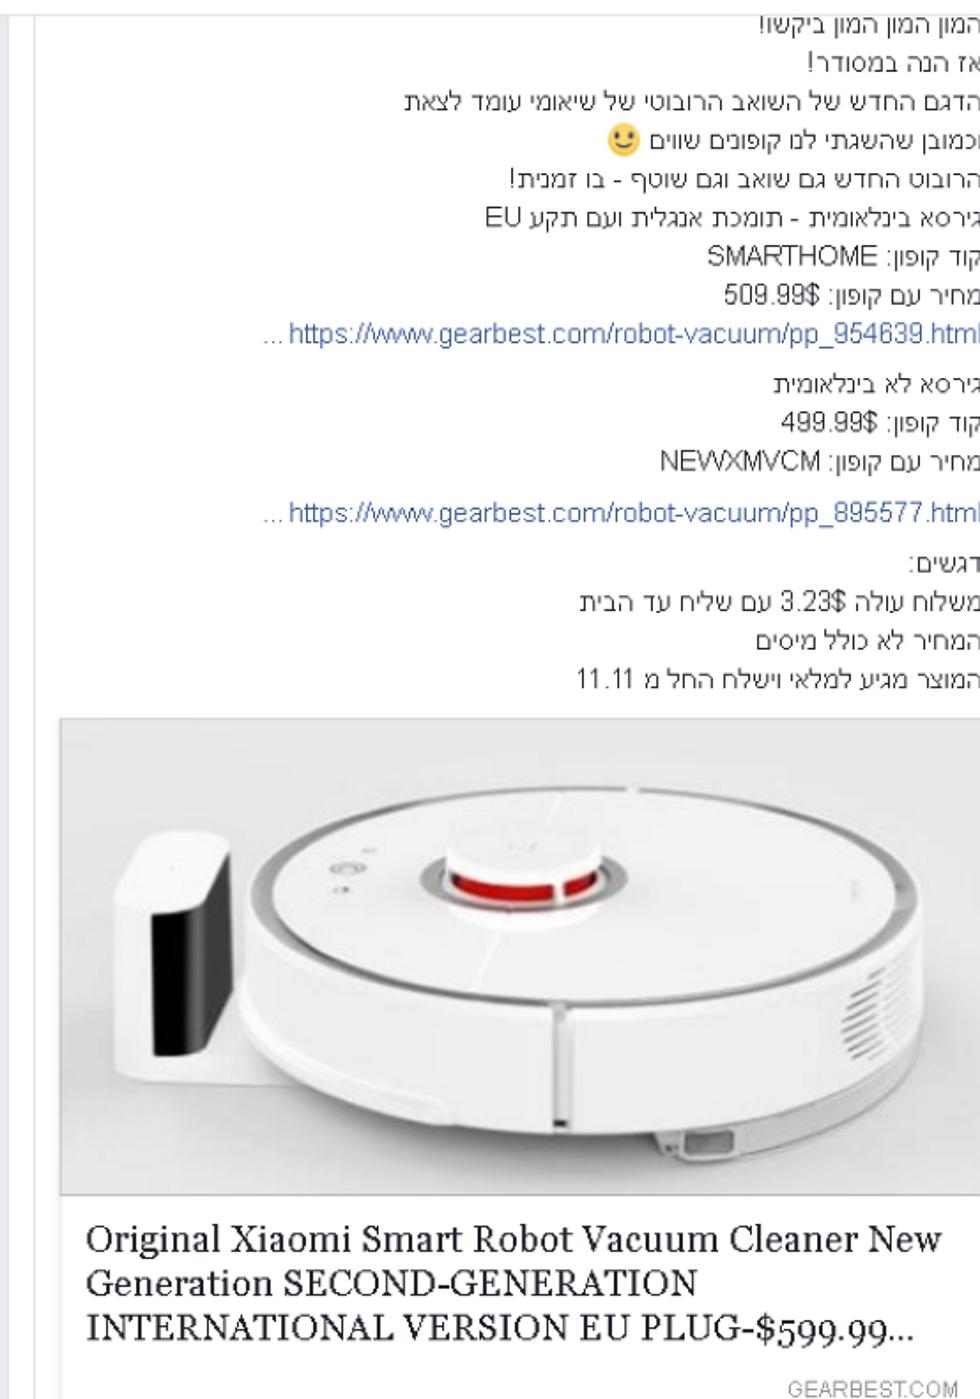 להיט: שואב אבק רובוטי שיאומי מוצע בהנחה באחת קבוצות הפייסבוק ()